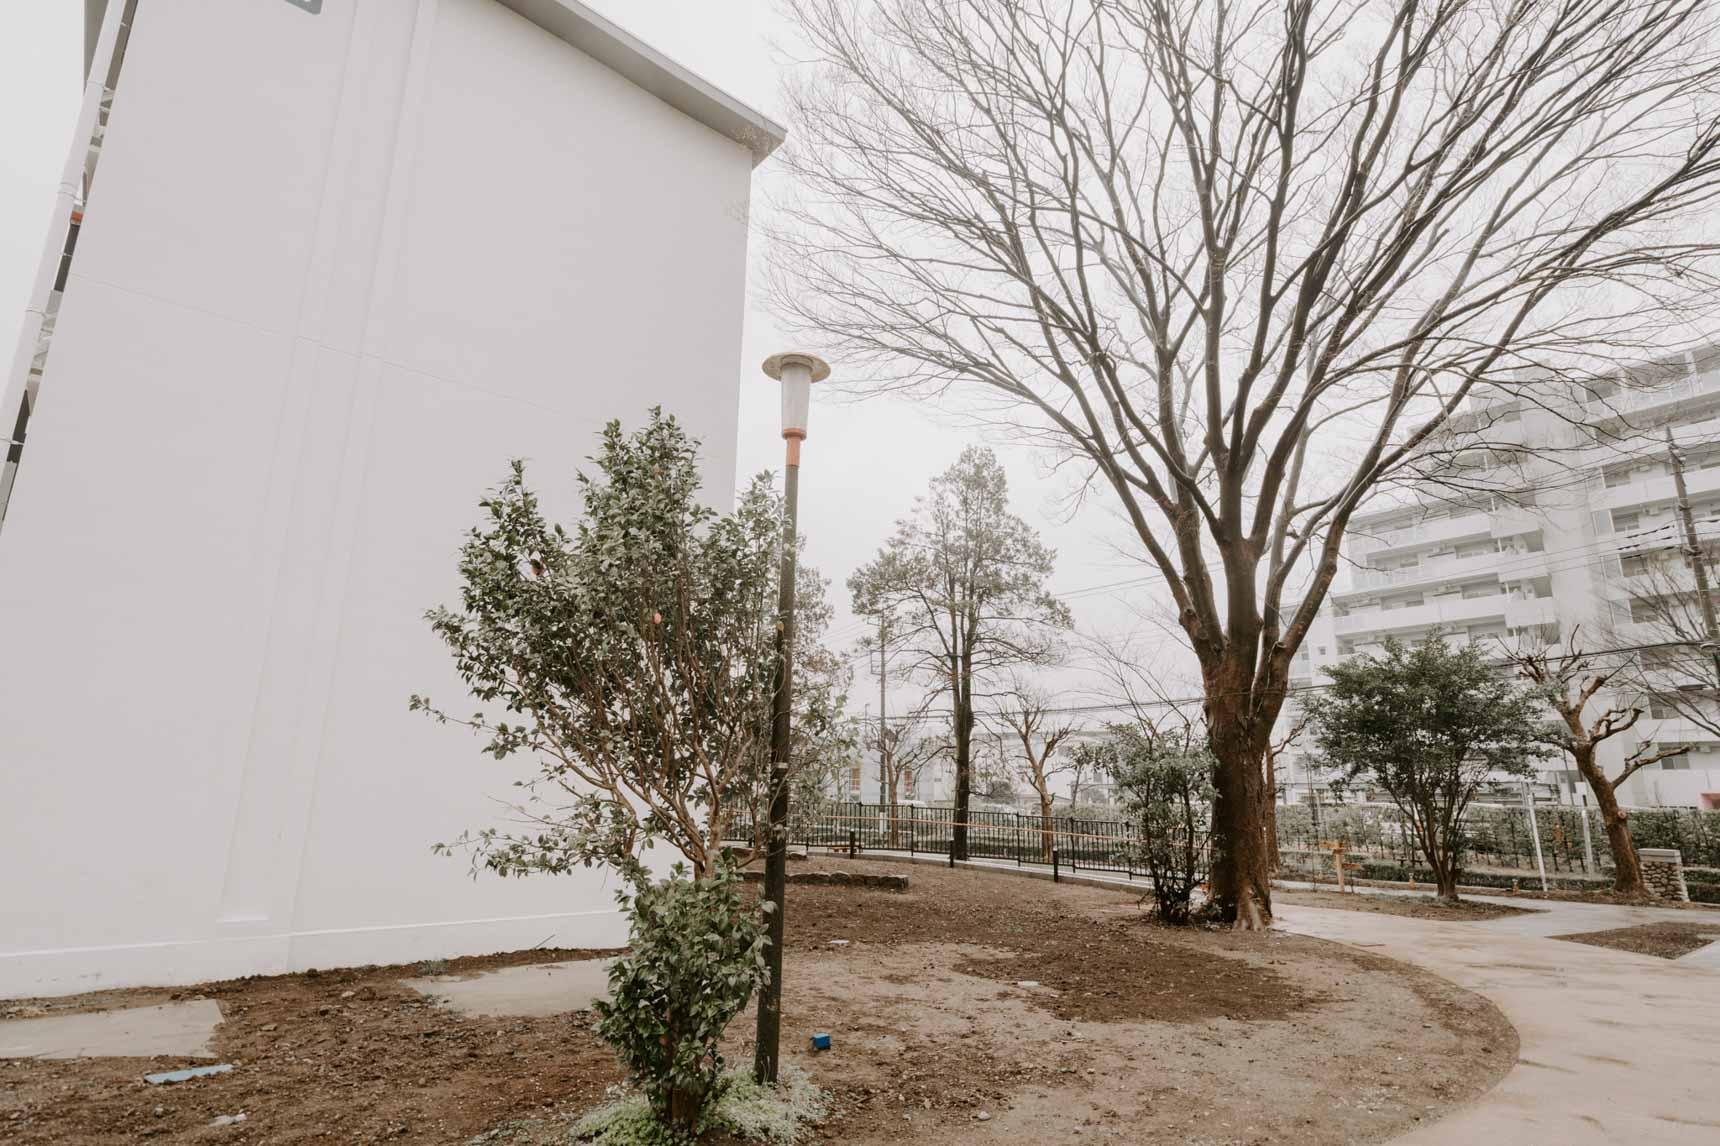 シンボルツリーの大きなけやきの木の下でバーベキューが楽しめます。